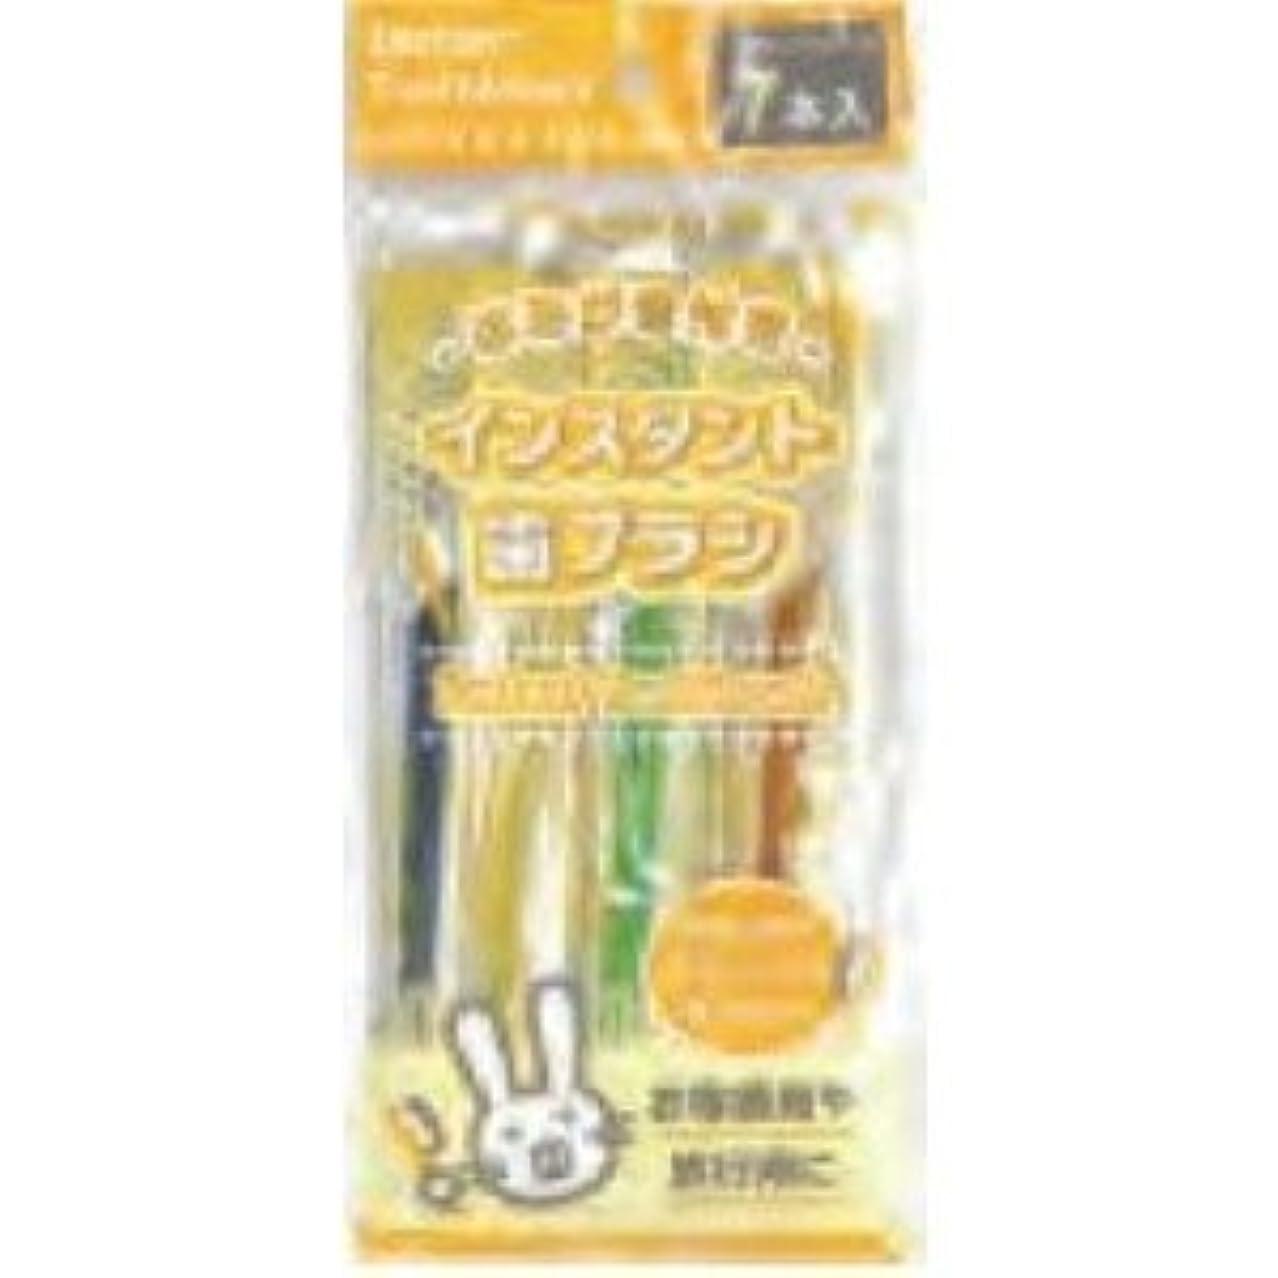 組み合わせコピー農民歯みがき付きインスタント歯ブラシ7P アソート HH-122 【10個セット】